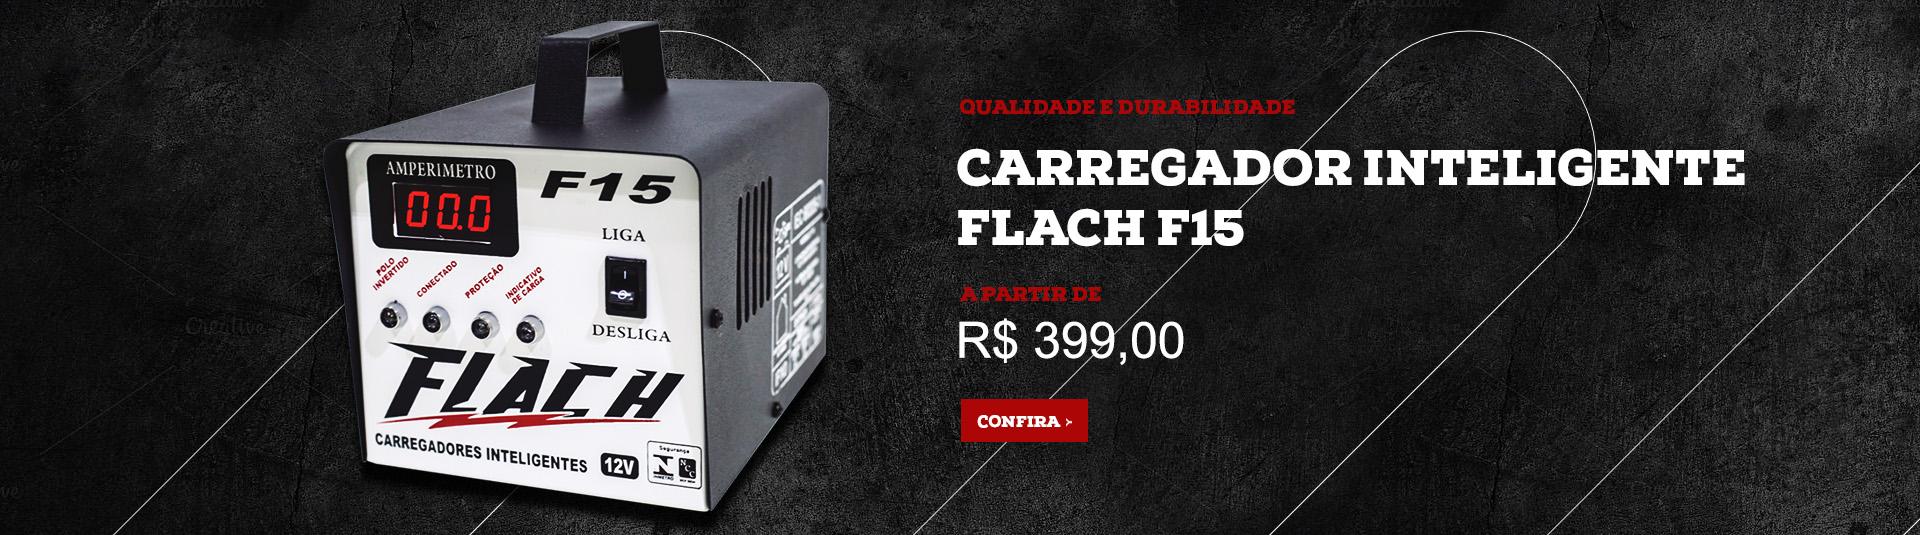 Carregador Flachf15